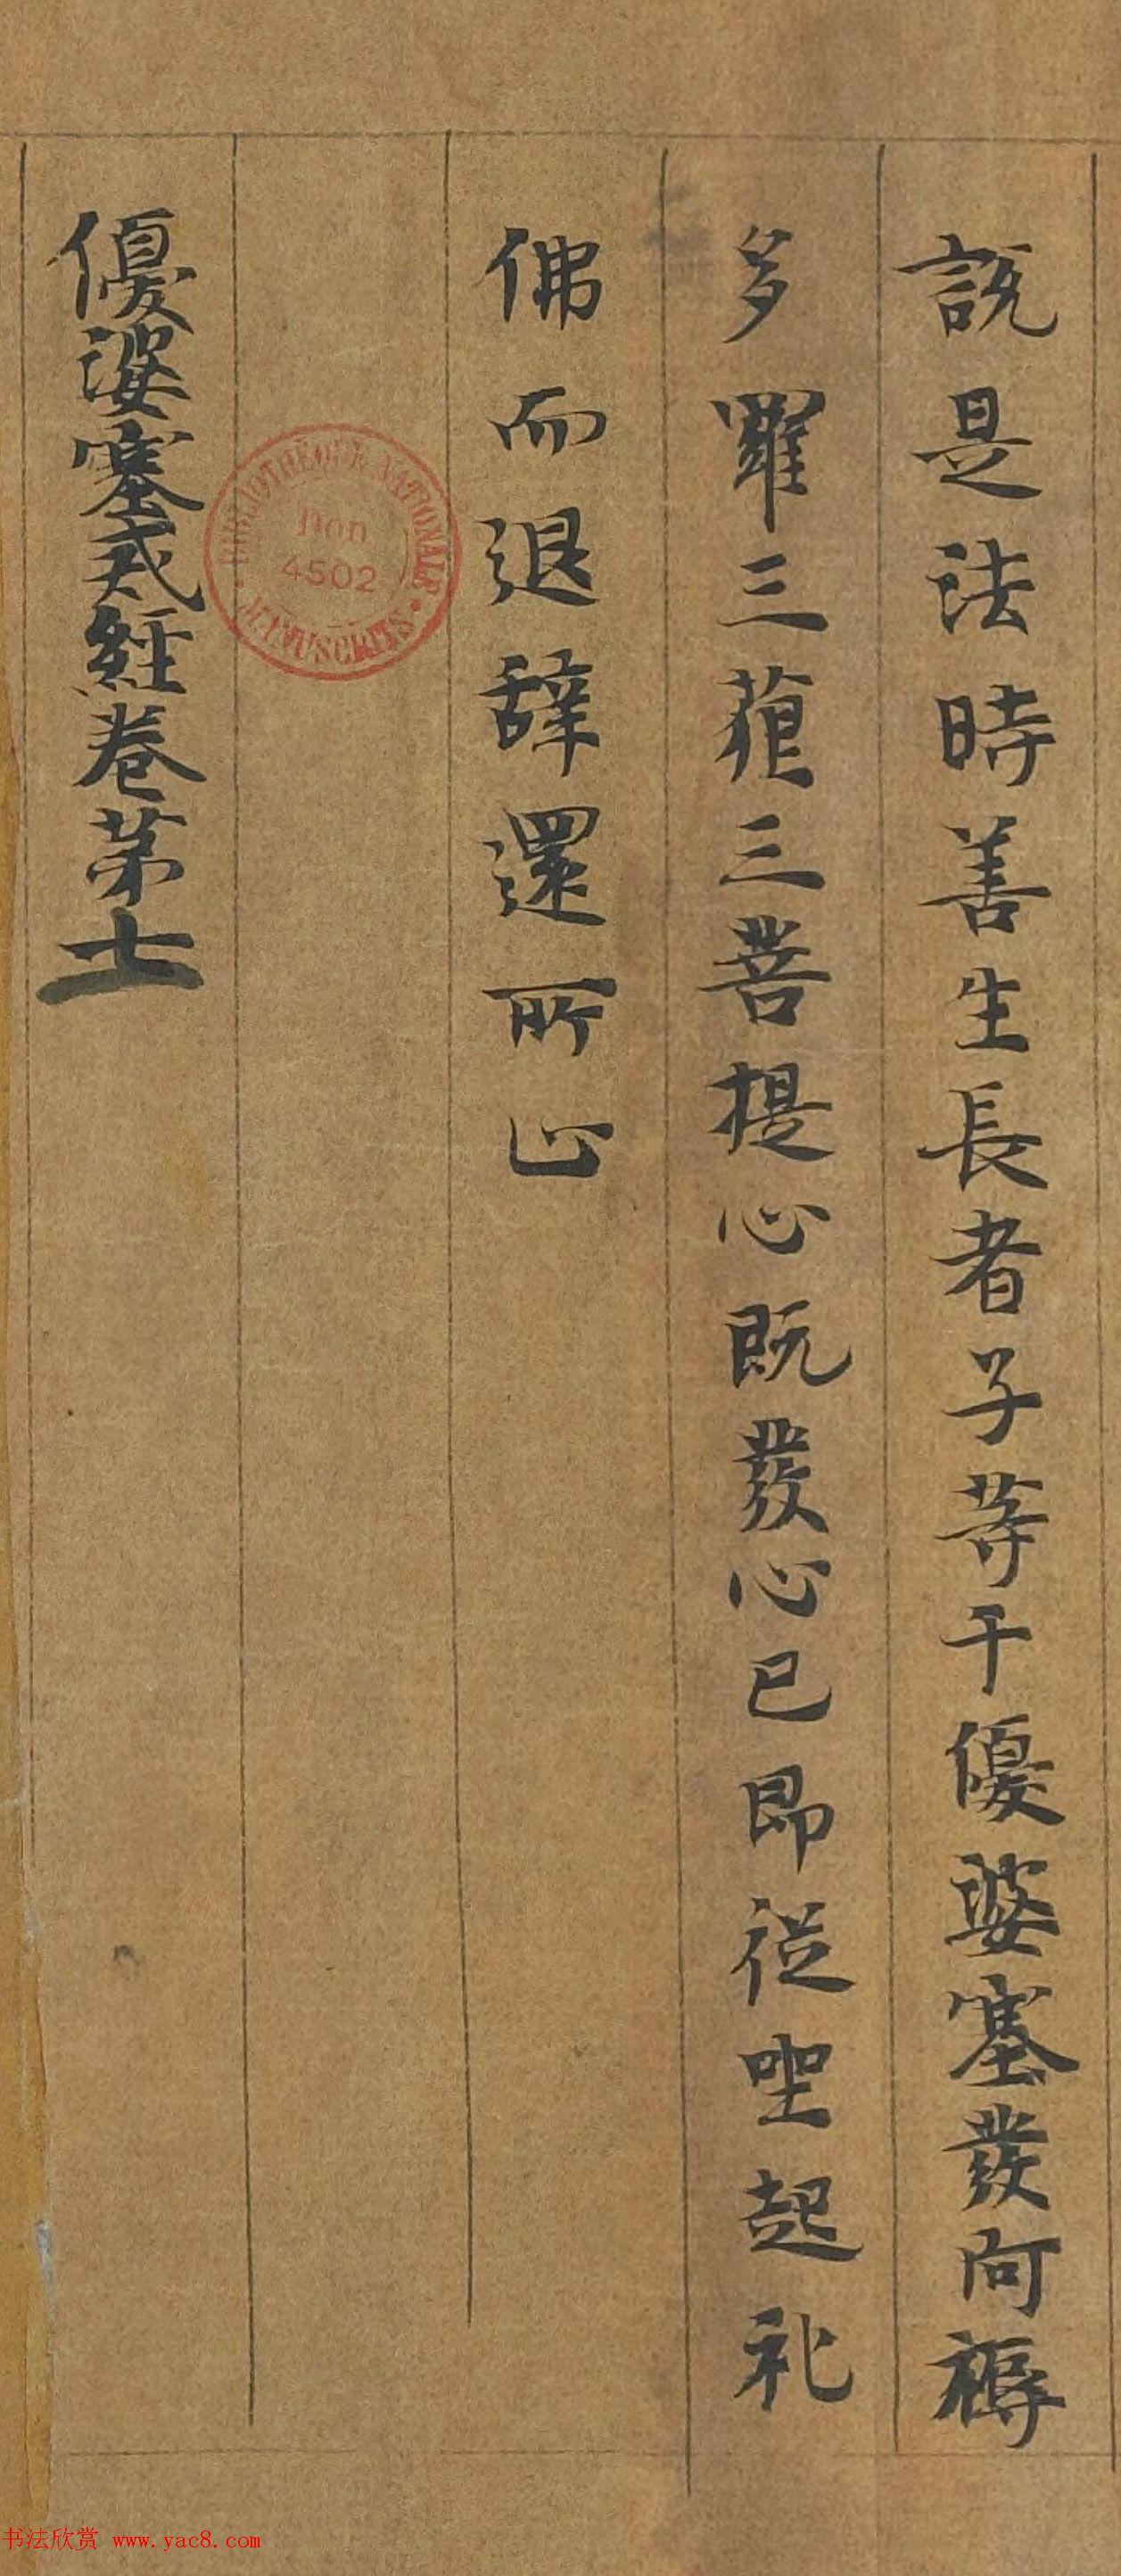 敦煌遗书《优婆塞戒经卷第七灌顶经手稿》